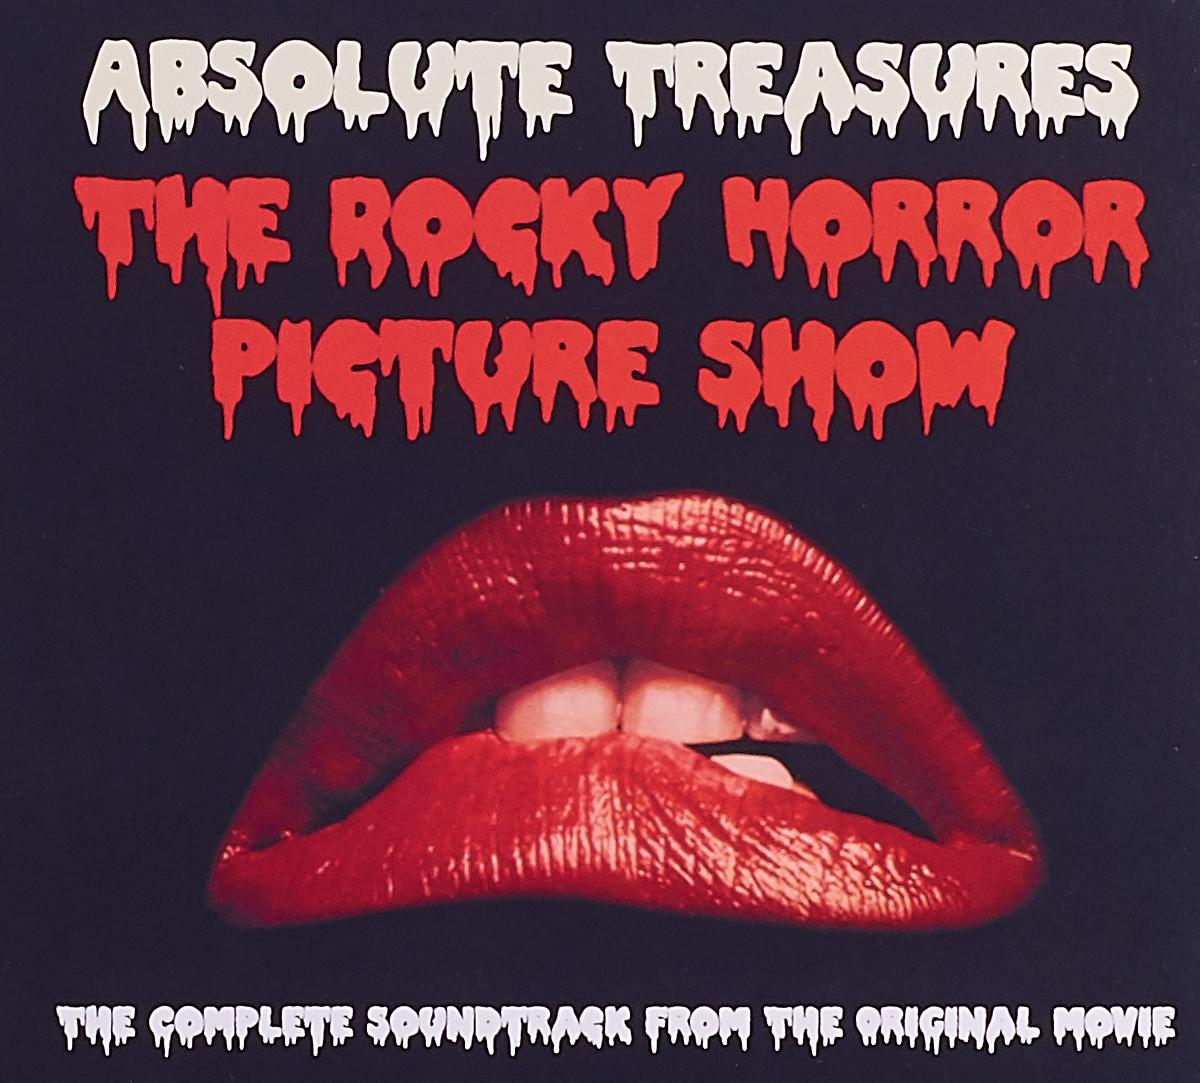 Тим Карри,Барри Боствик,Патриция Куинн Absolute Treasures. The Rocky Horror Picture Show